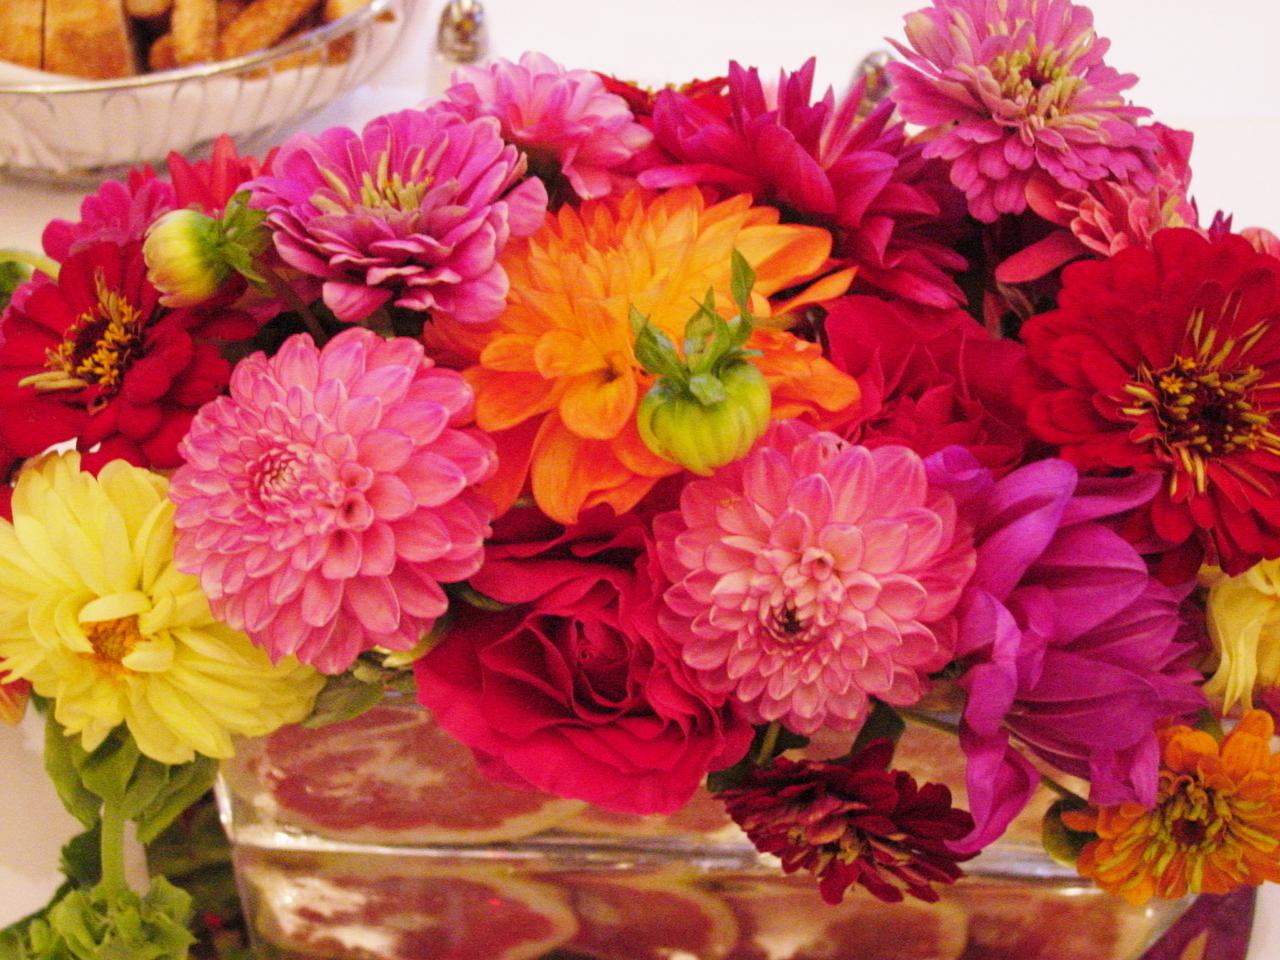 Autumn Flowers Summer Colors Limelight Floral Design